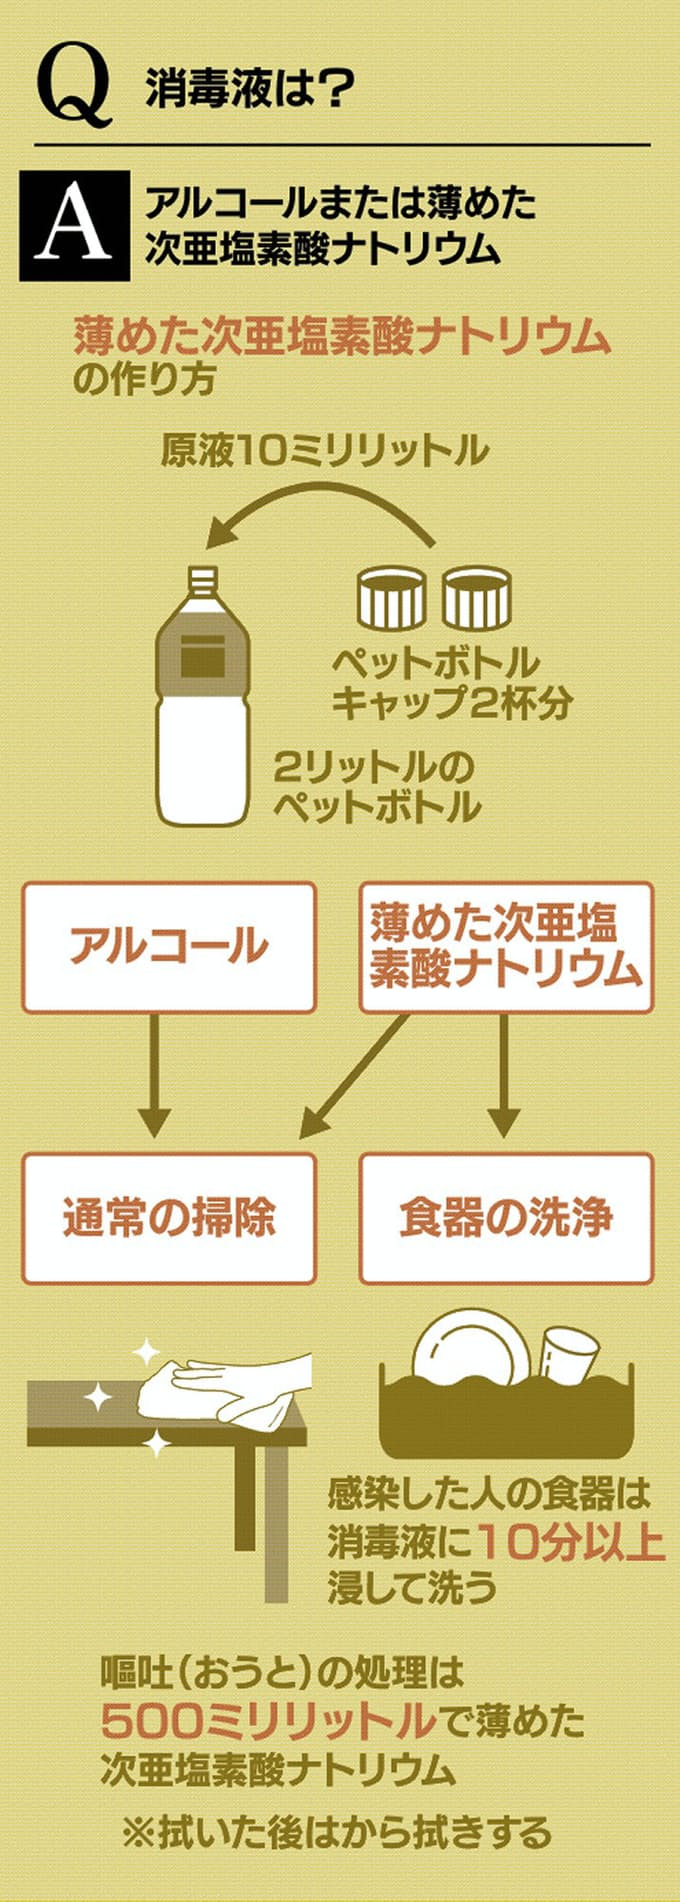 次 亜 塩素 酸 ナトリウム 消毒 液 作り方